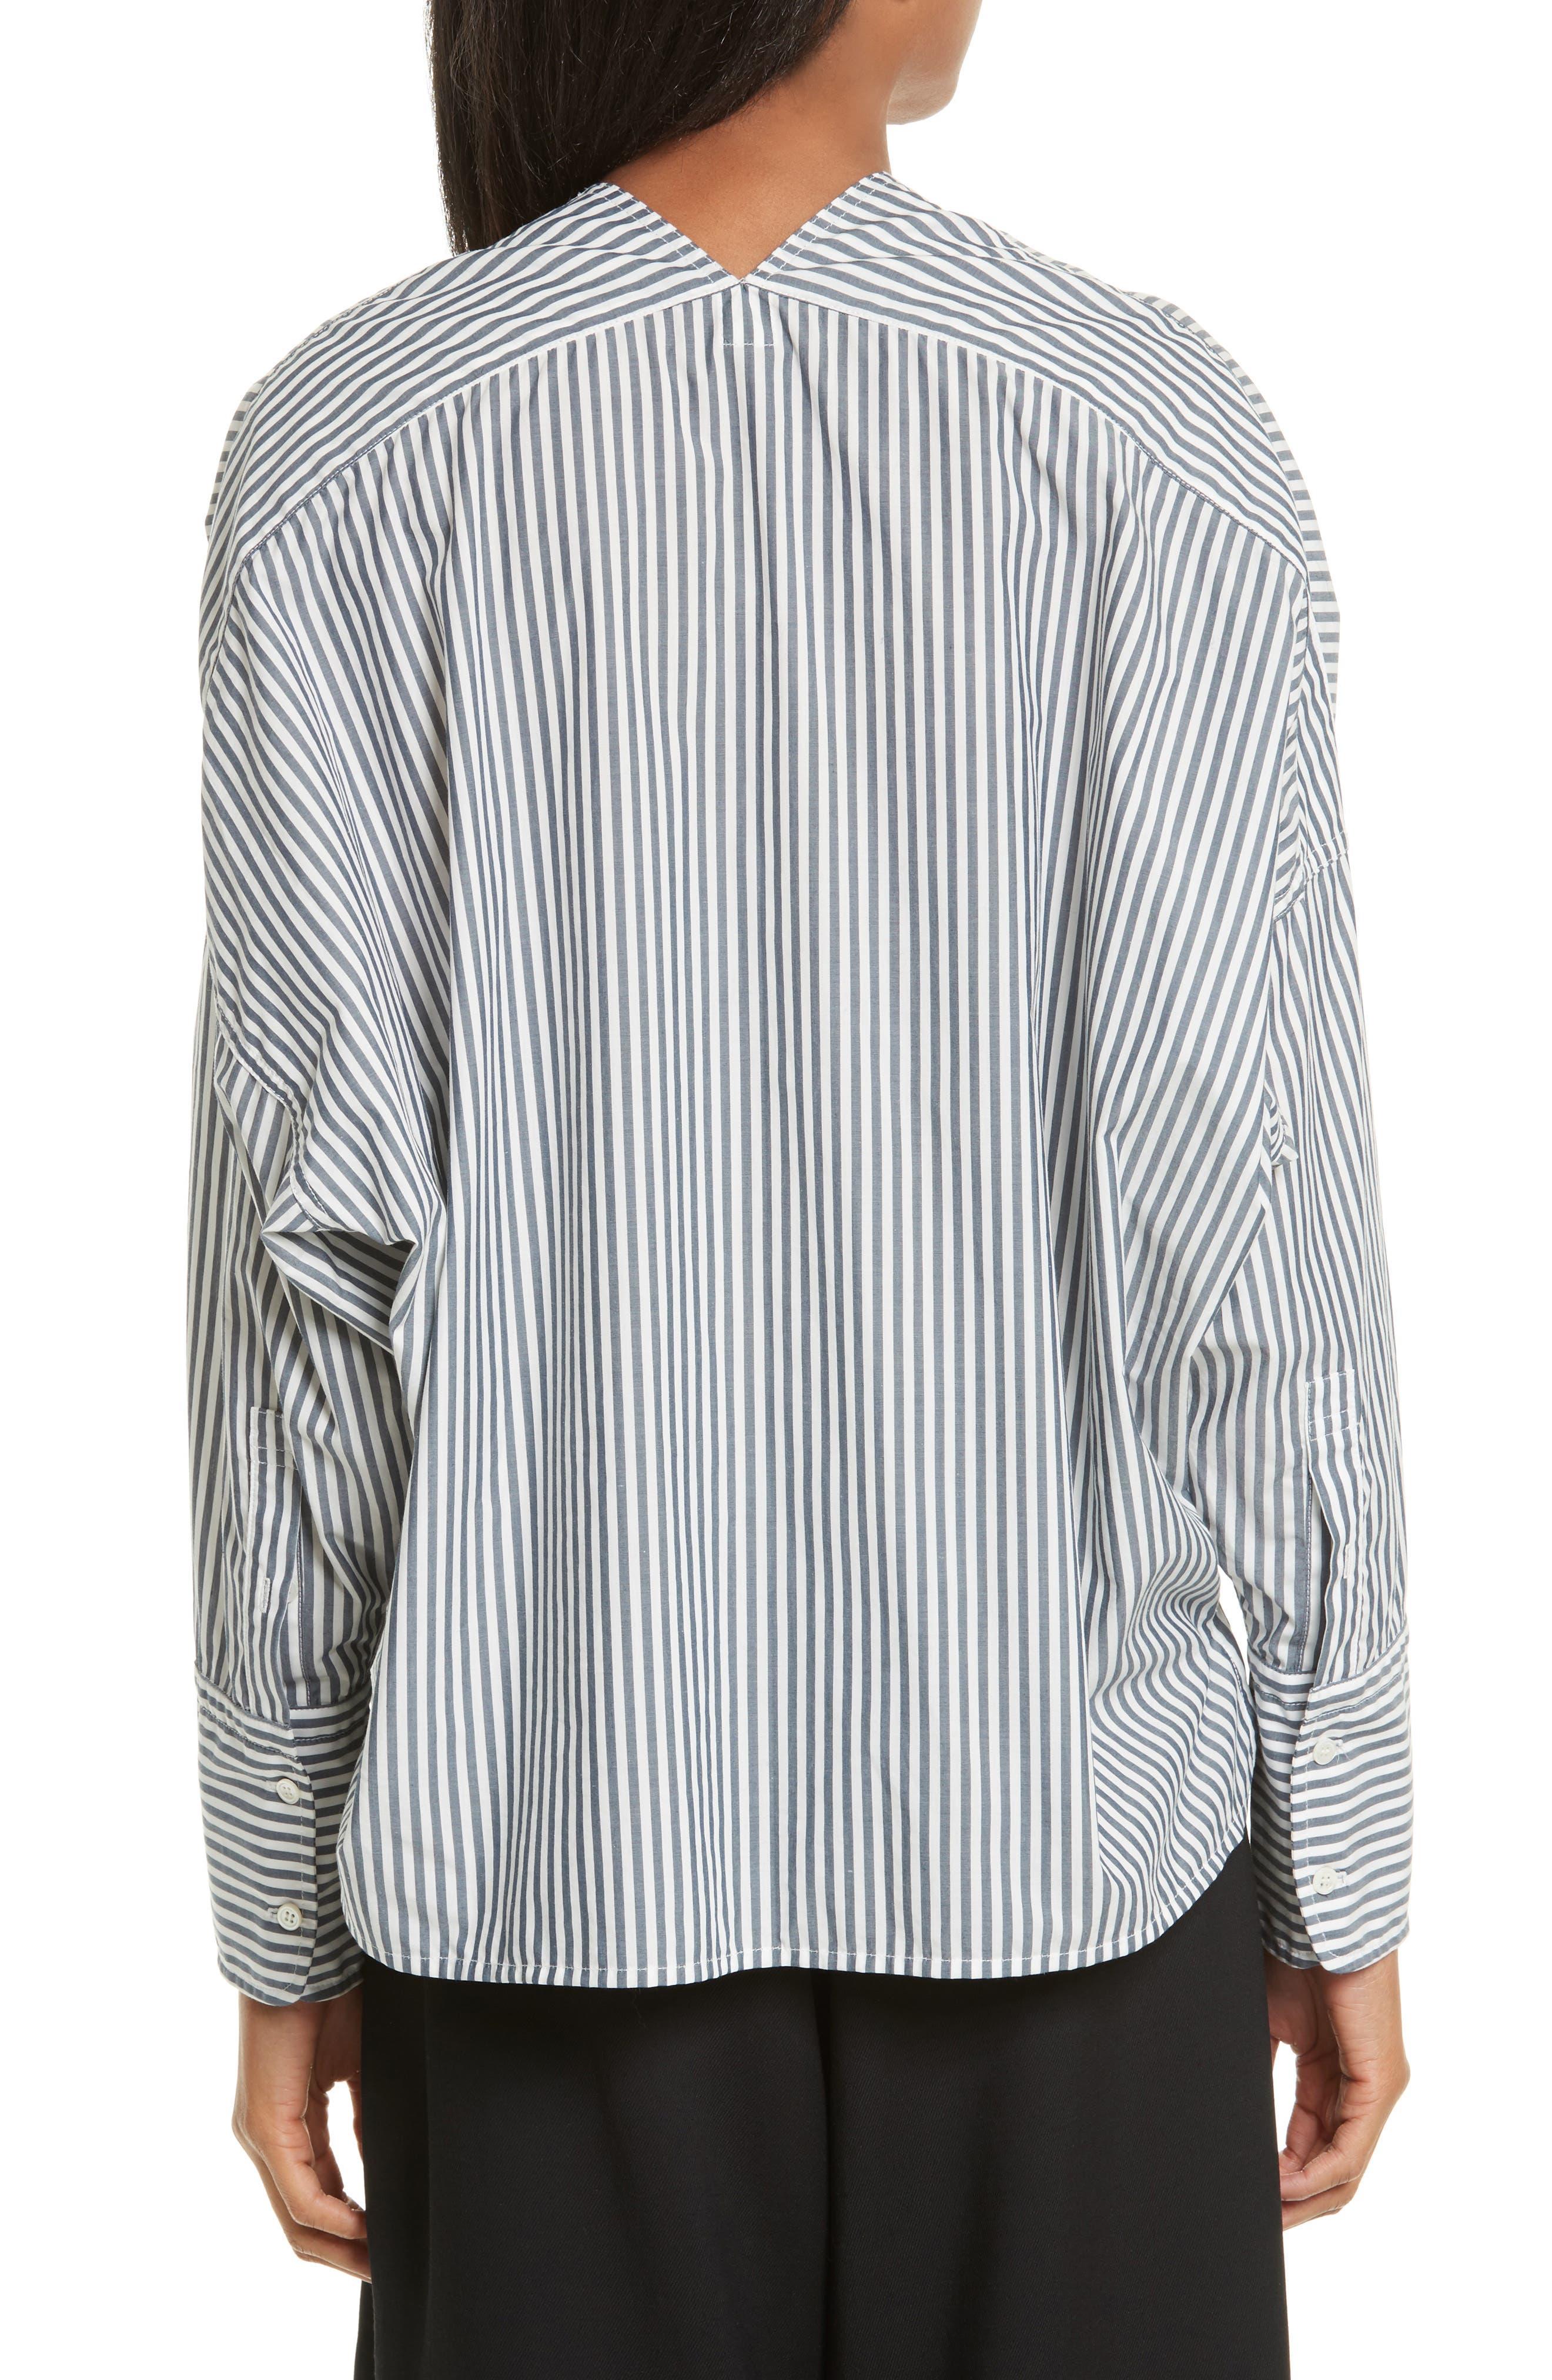 Sabine Stripe Cotton Top,                             Alternate thumbnail 2, color,                             412